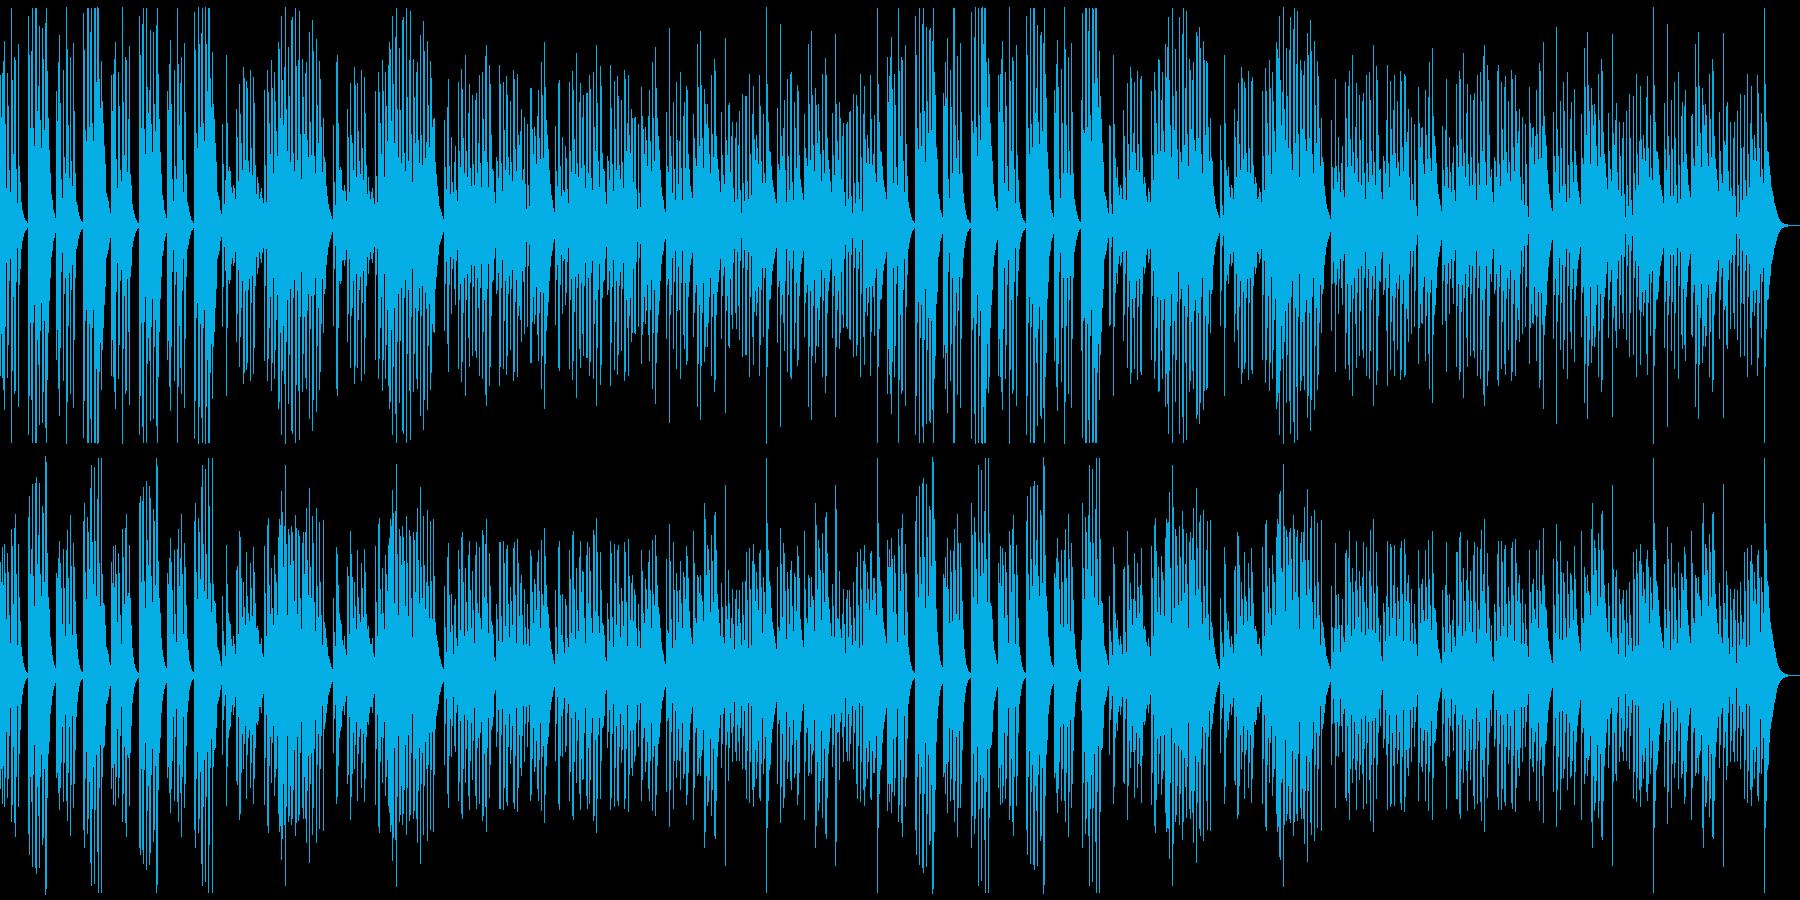 調理のシーンで超有名な曲【マリンバ】の再生済みの波形